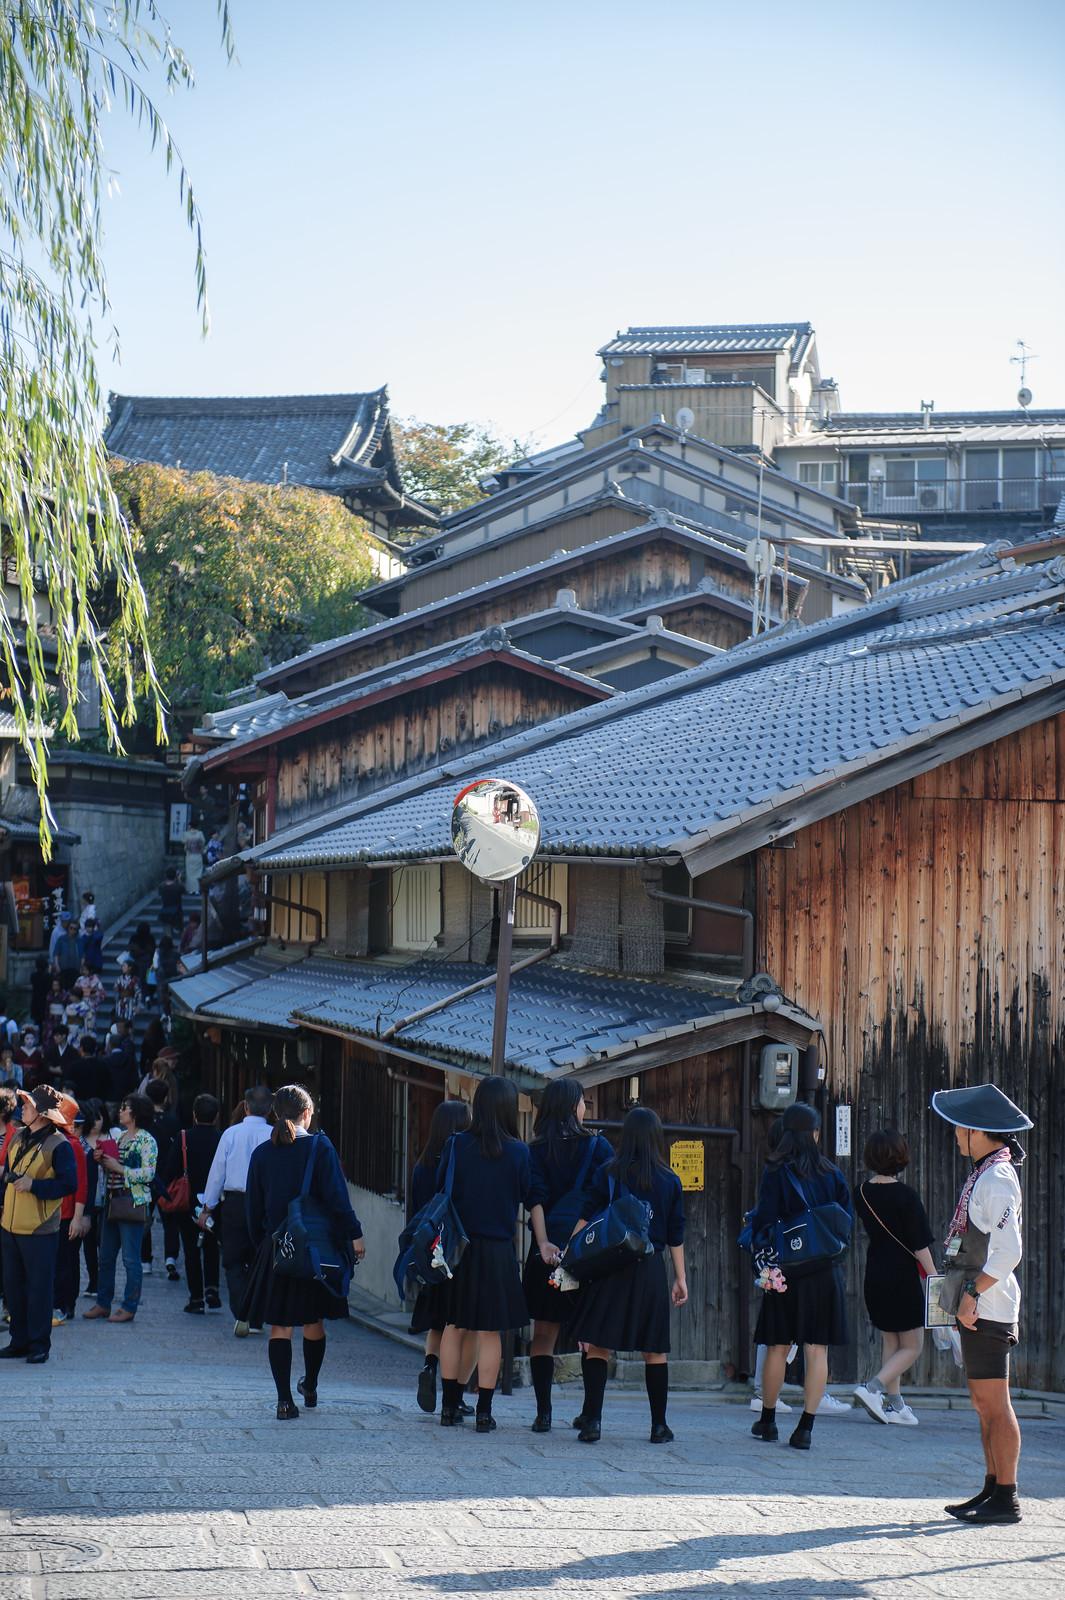 2015VQ@Kyoto-476